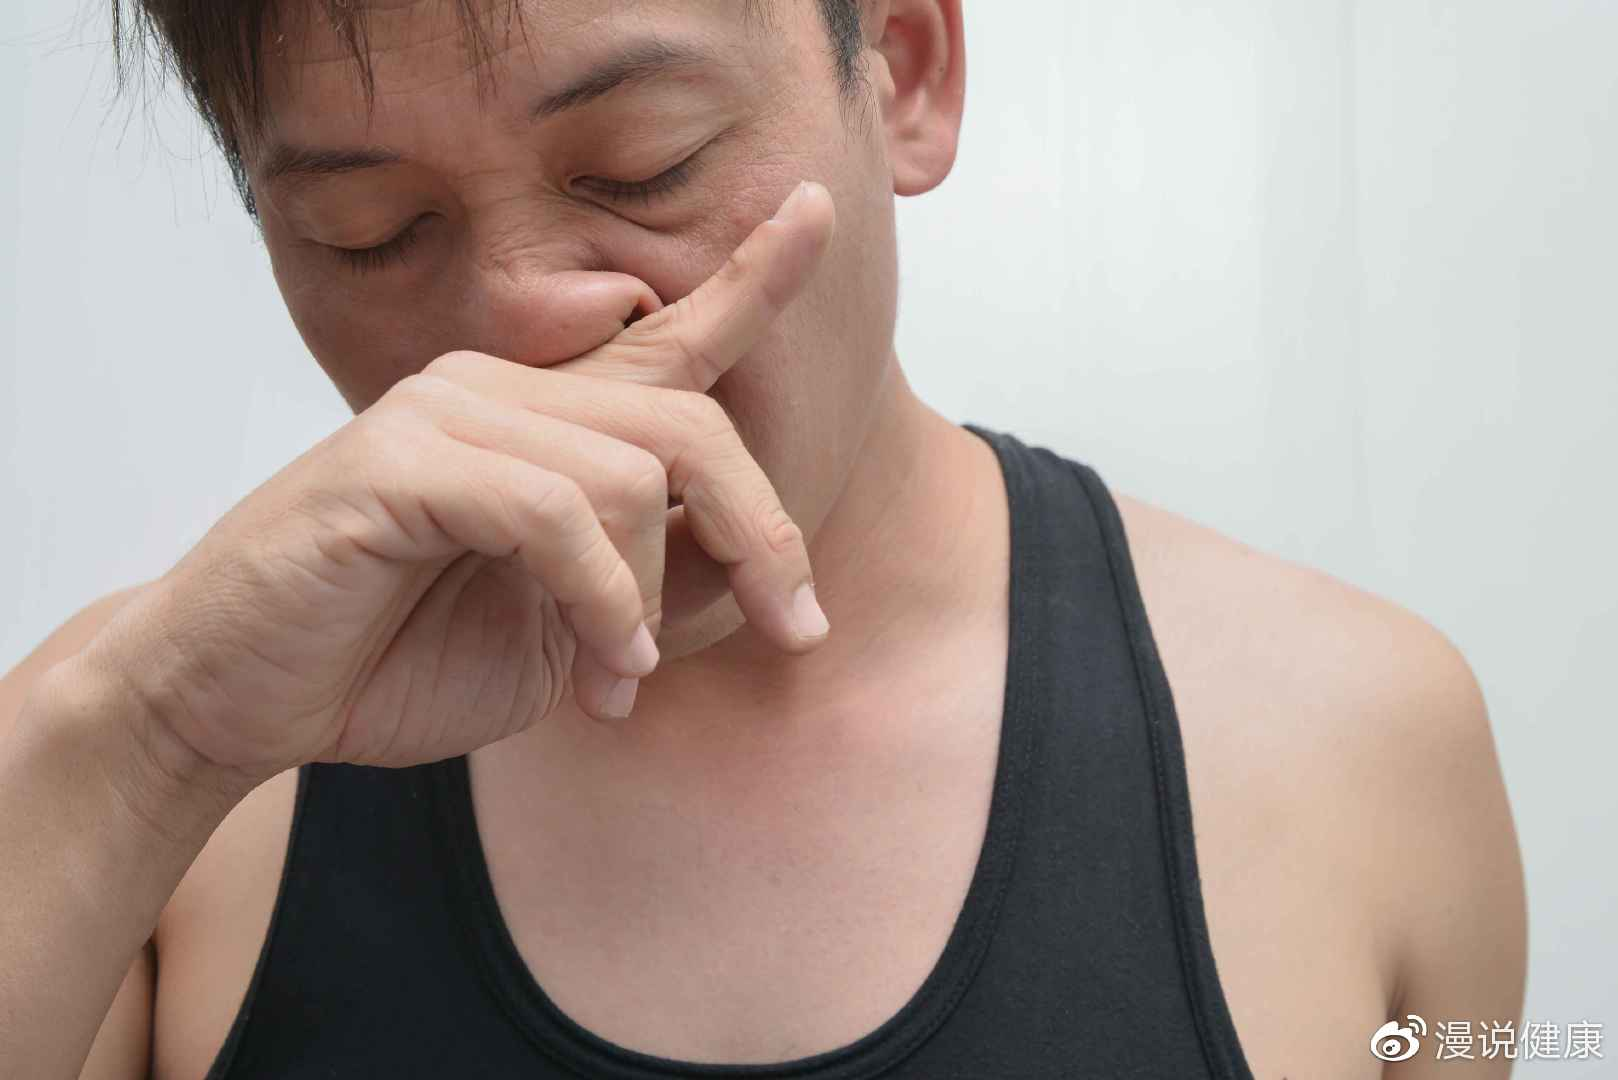 新冠病毒疫情期间,鼻炎咽炎患者更容易感染?医生是这样解释